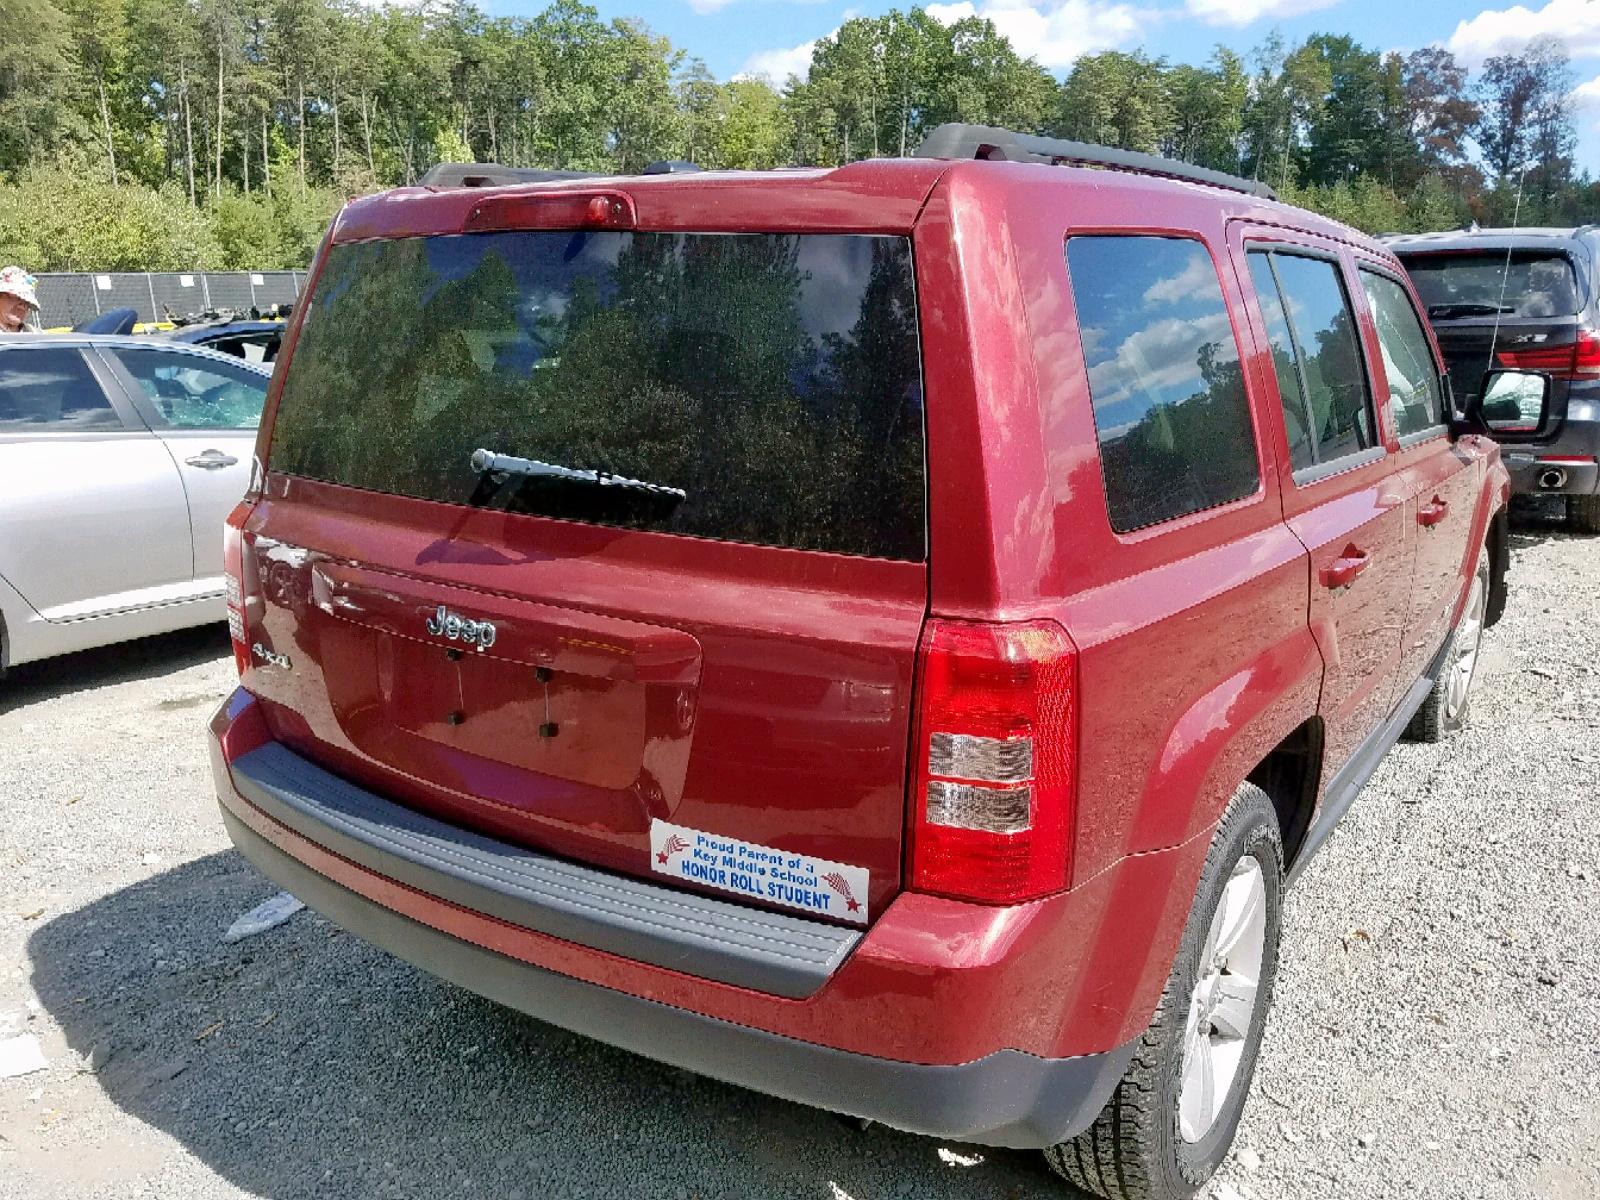 1C4NJRBB8DD225433 - 2013 Jeep Patriot Sp 2.4L rear view